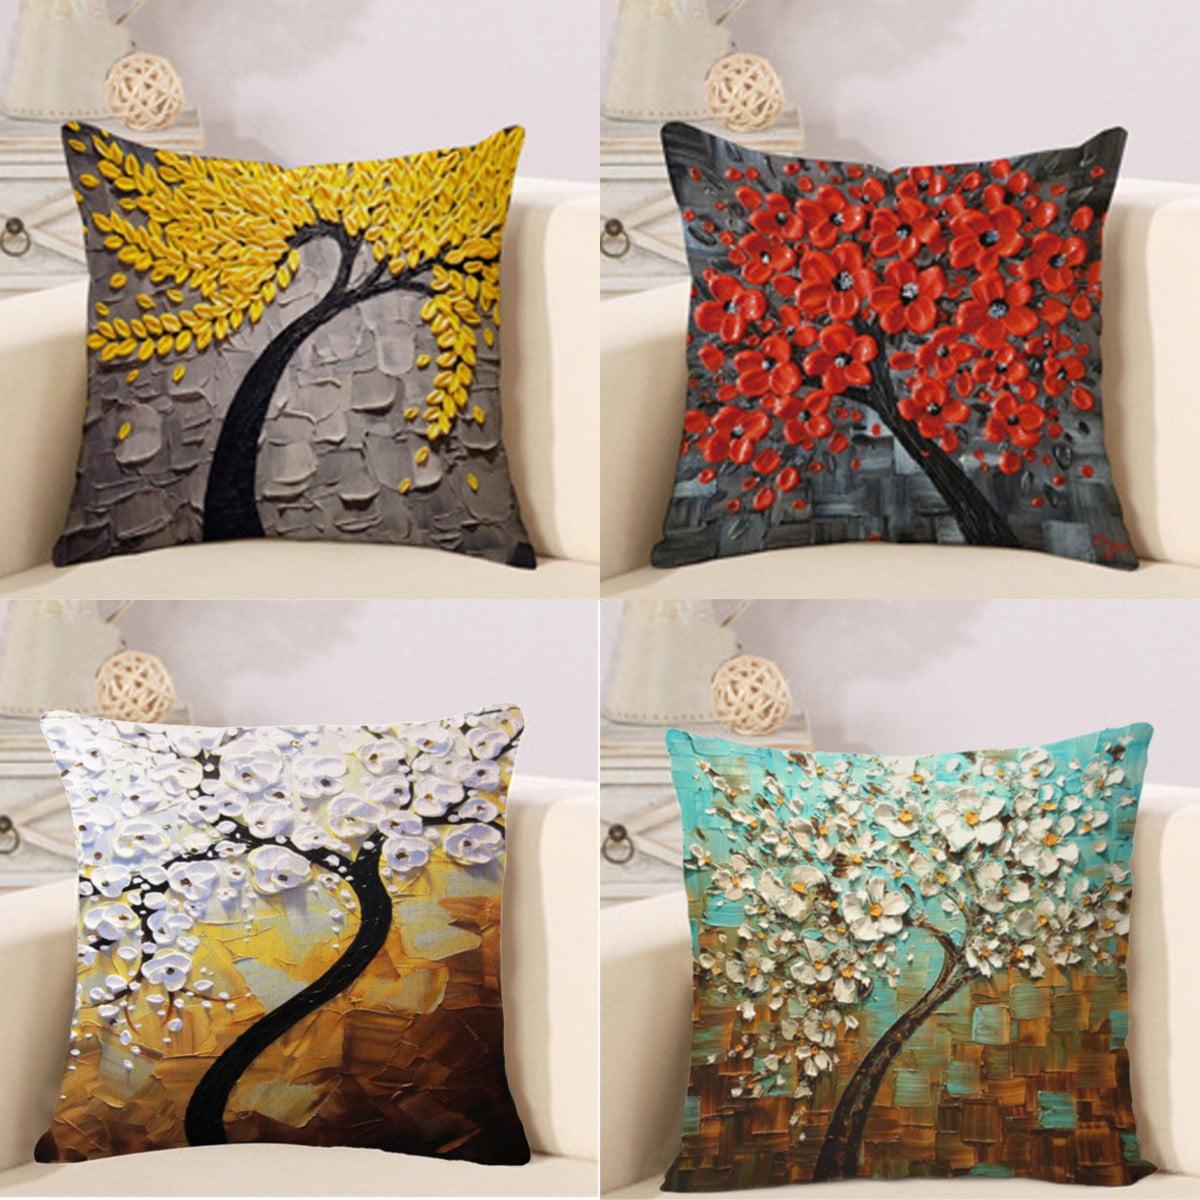 Thicken Colorful Bird Cotton Linen Throw PillowCase Cushion Protector Cover